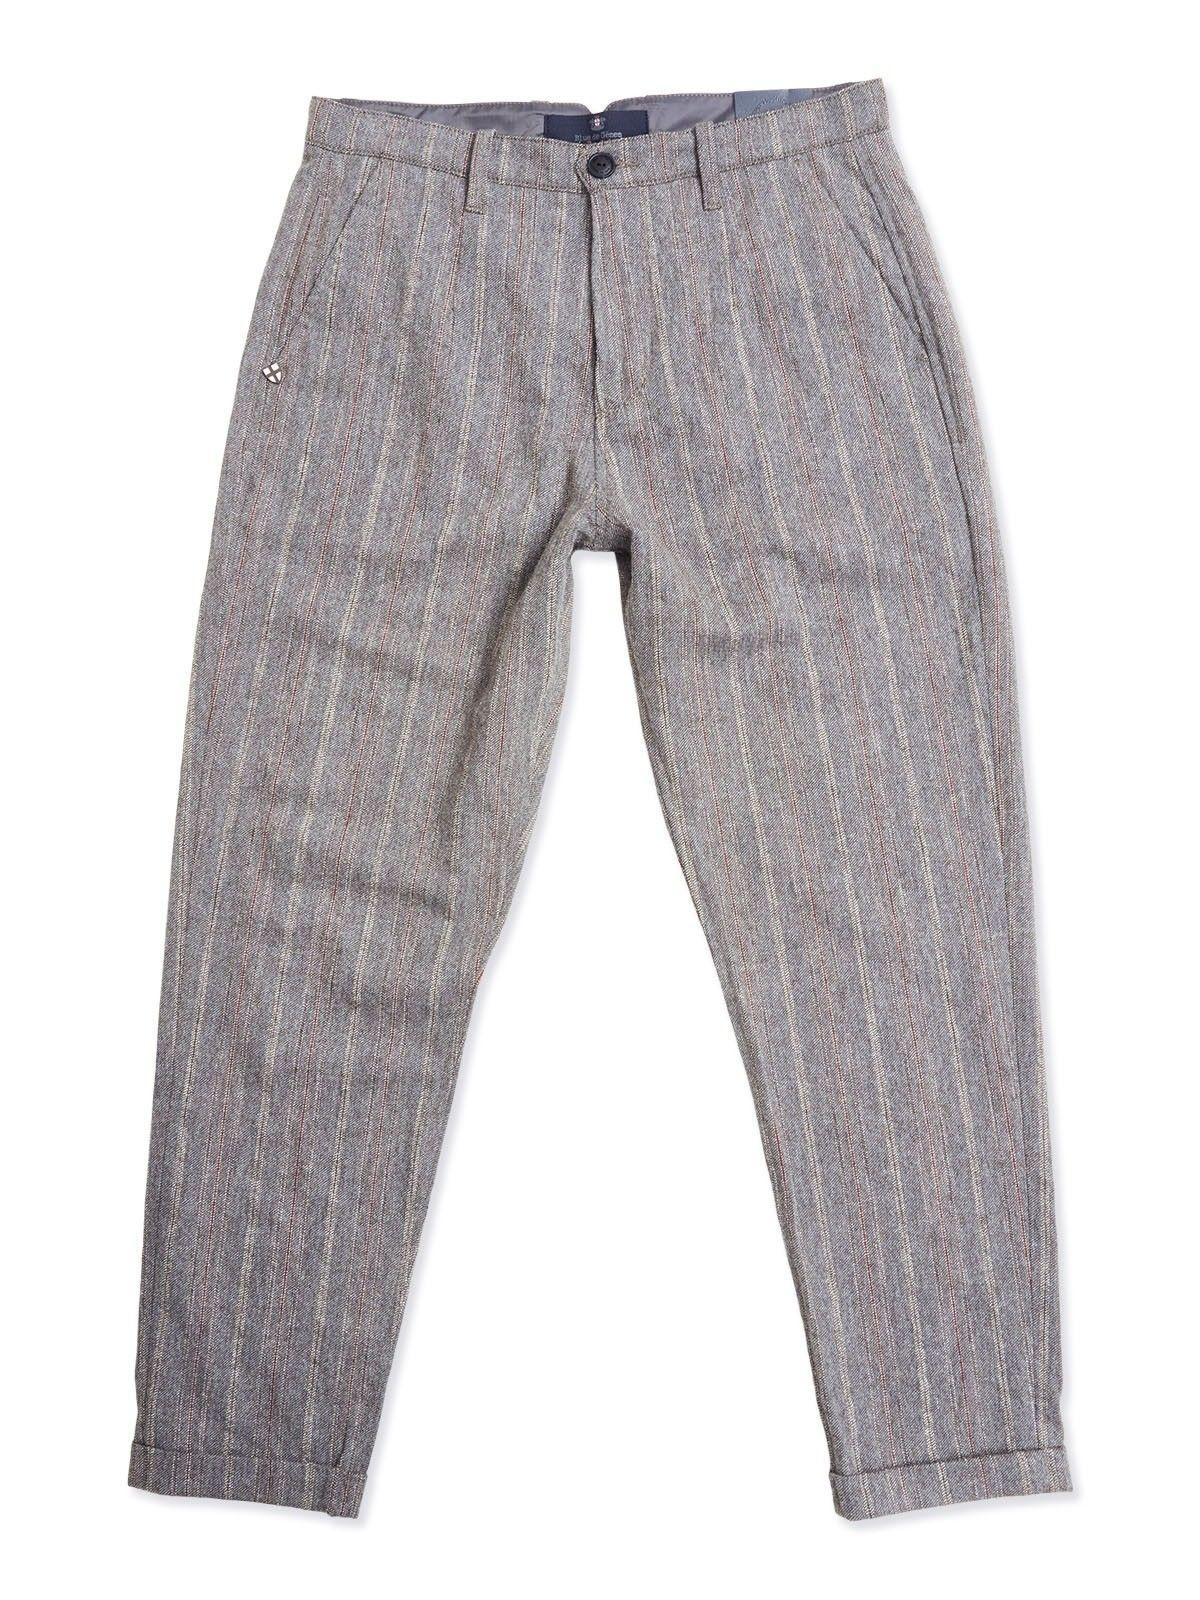 BLUE DE GENES - Herren Hose - Raphael Bianco Trousers - Grey Stripe